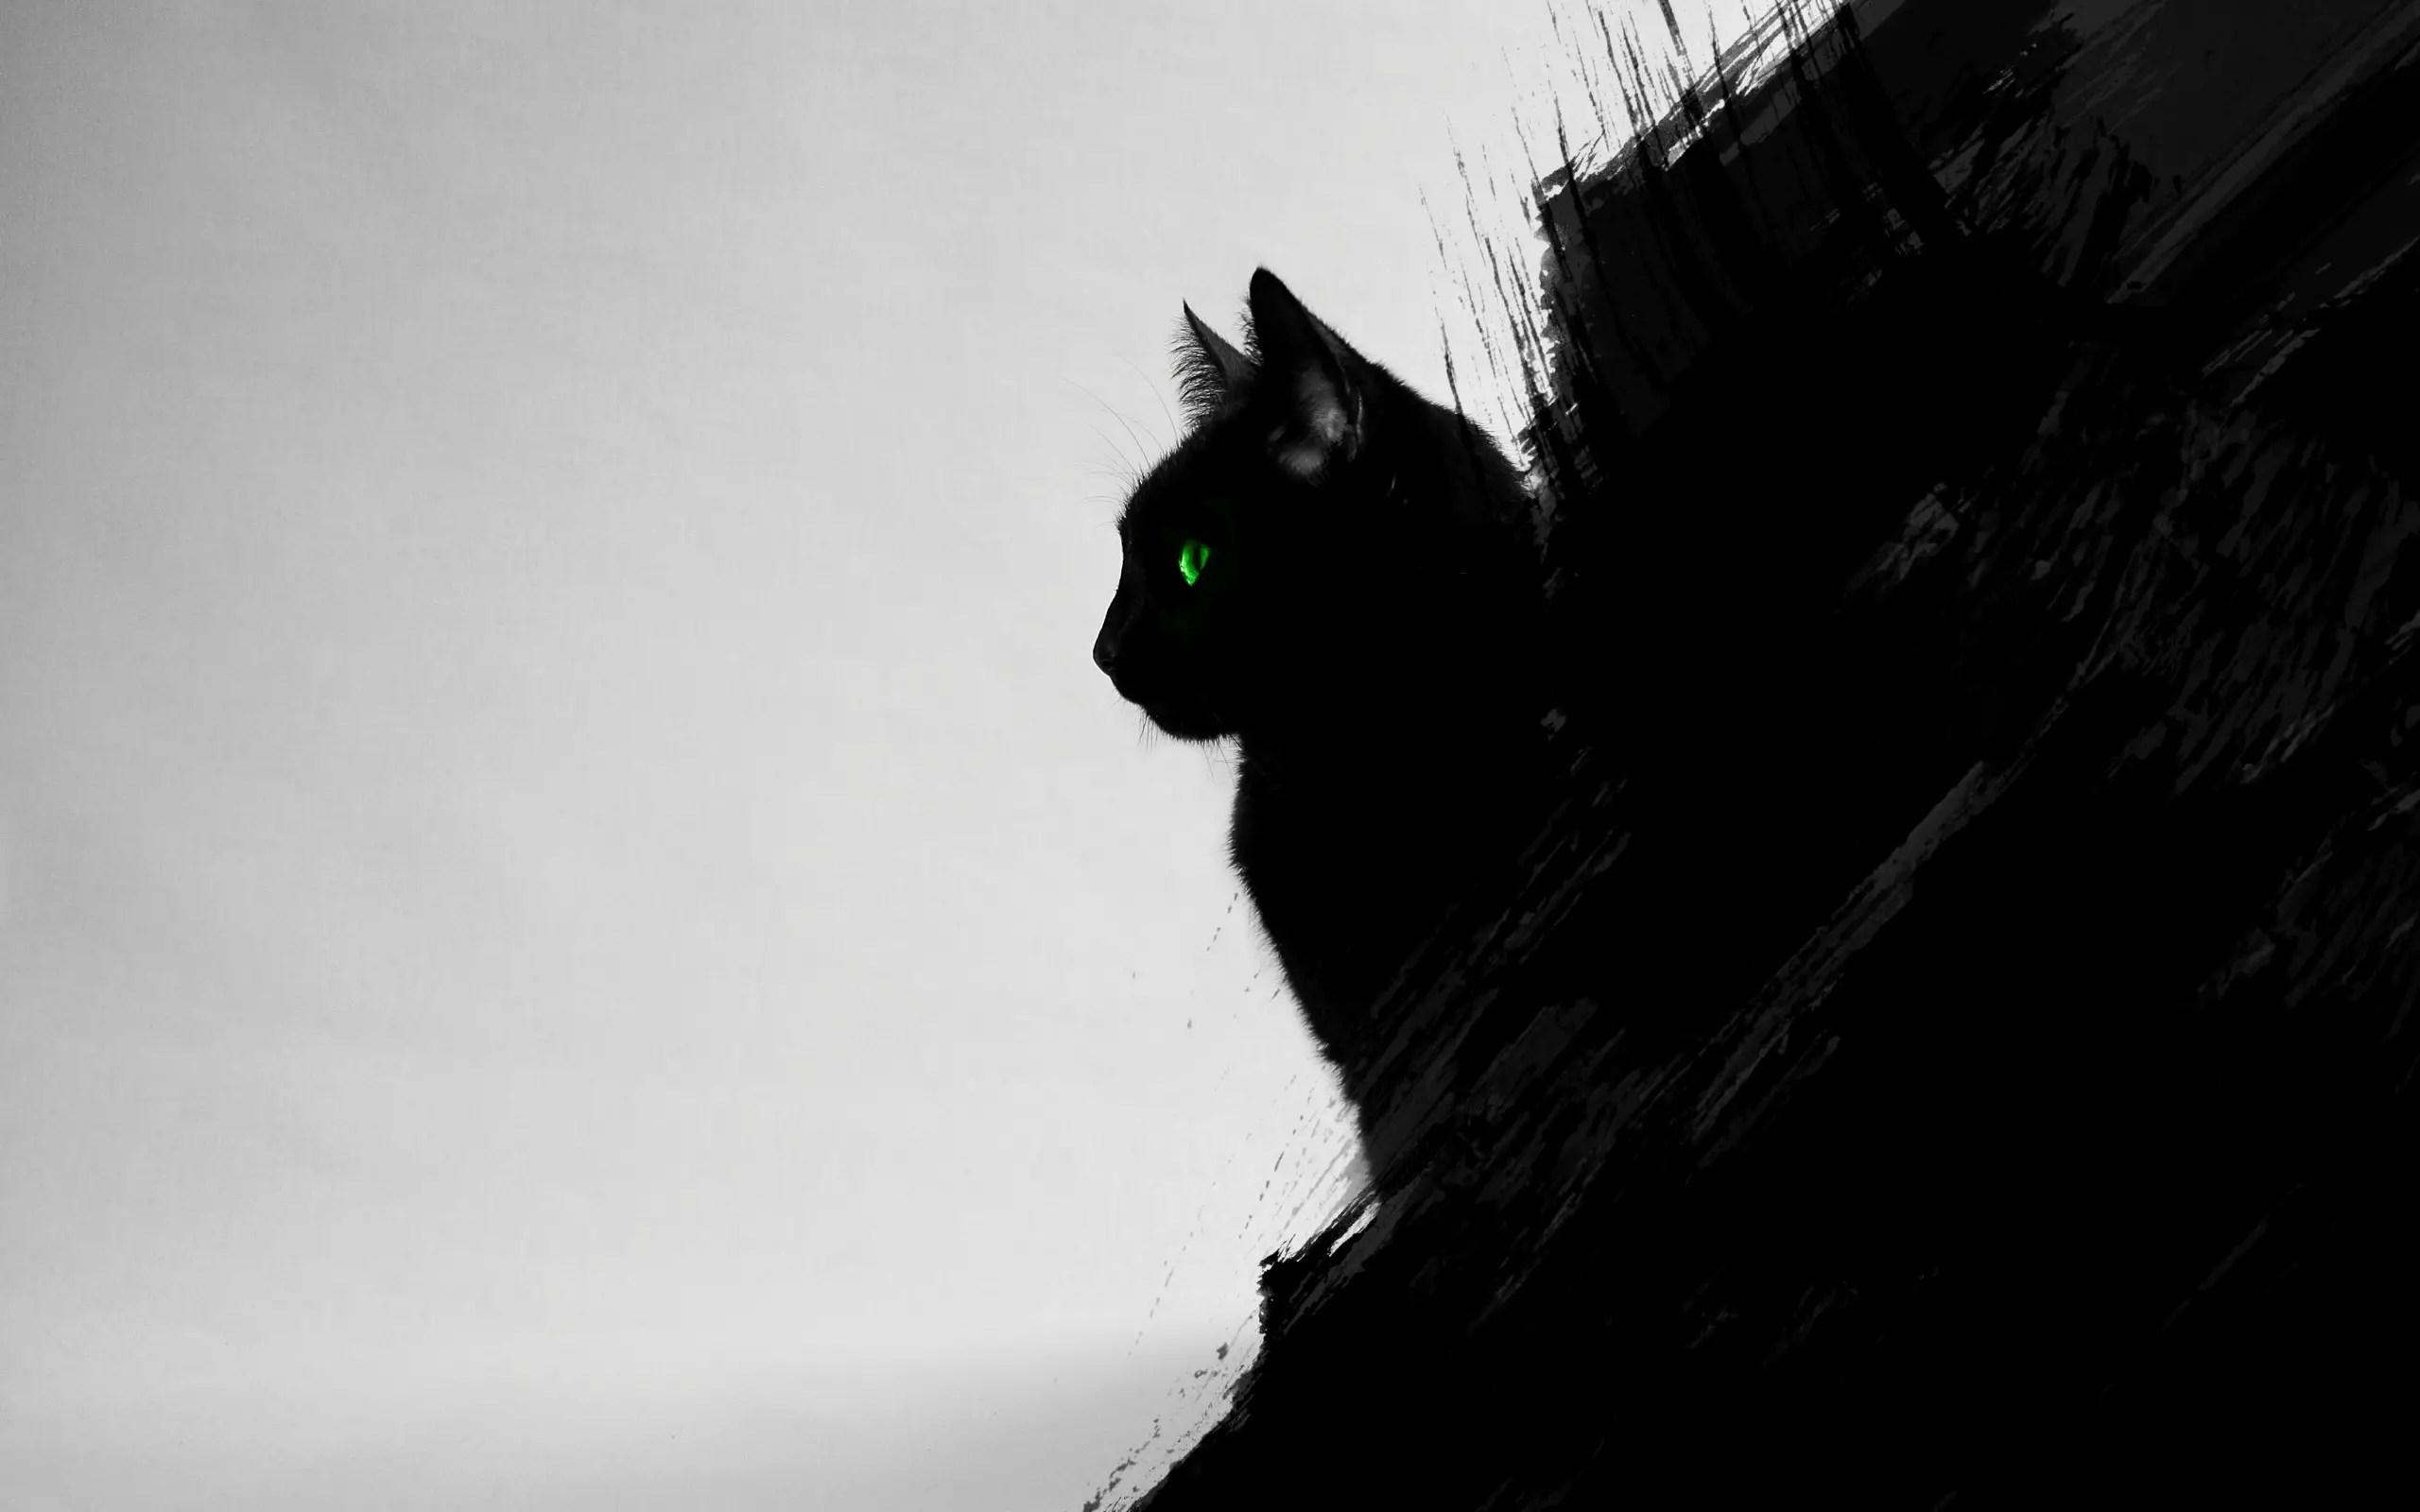 fond d ecran de bureau gratuit un chat